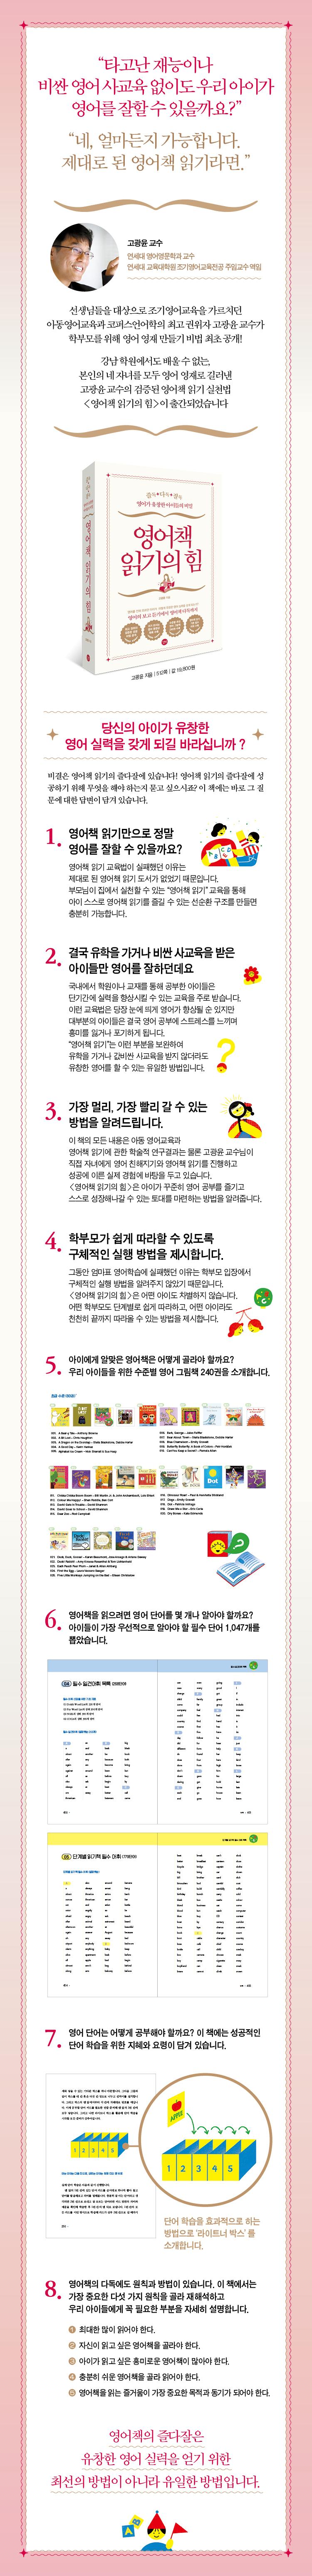 영어책 읽기의 힘 도서 정보